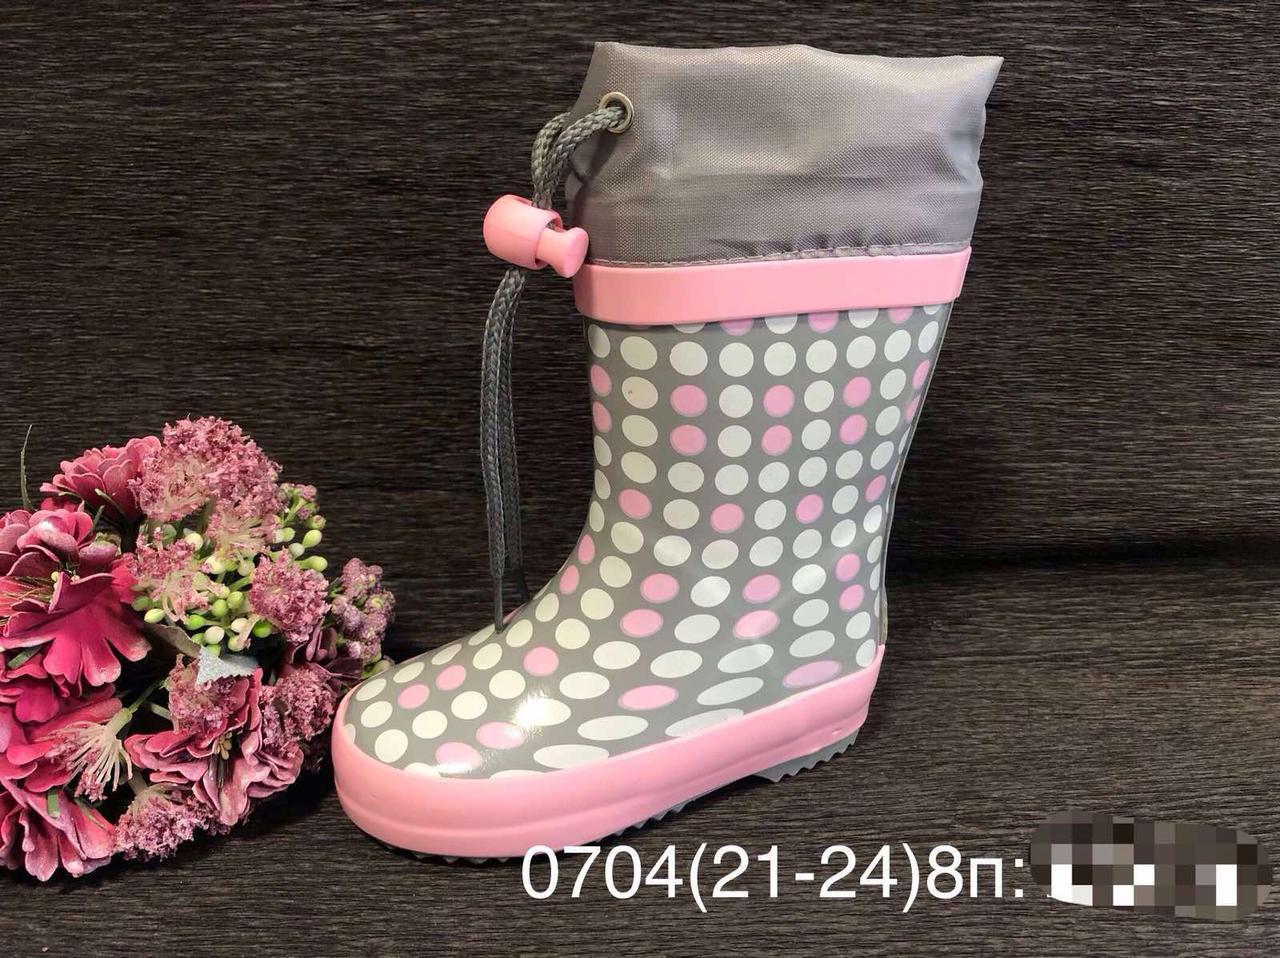 Резиновые сапоги Biki0704 горохи grey-pink 21-24